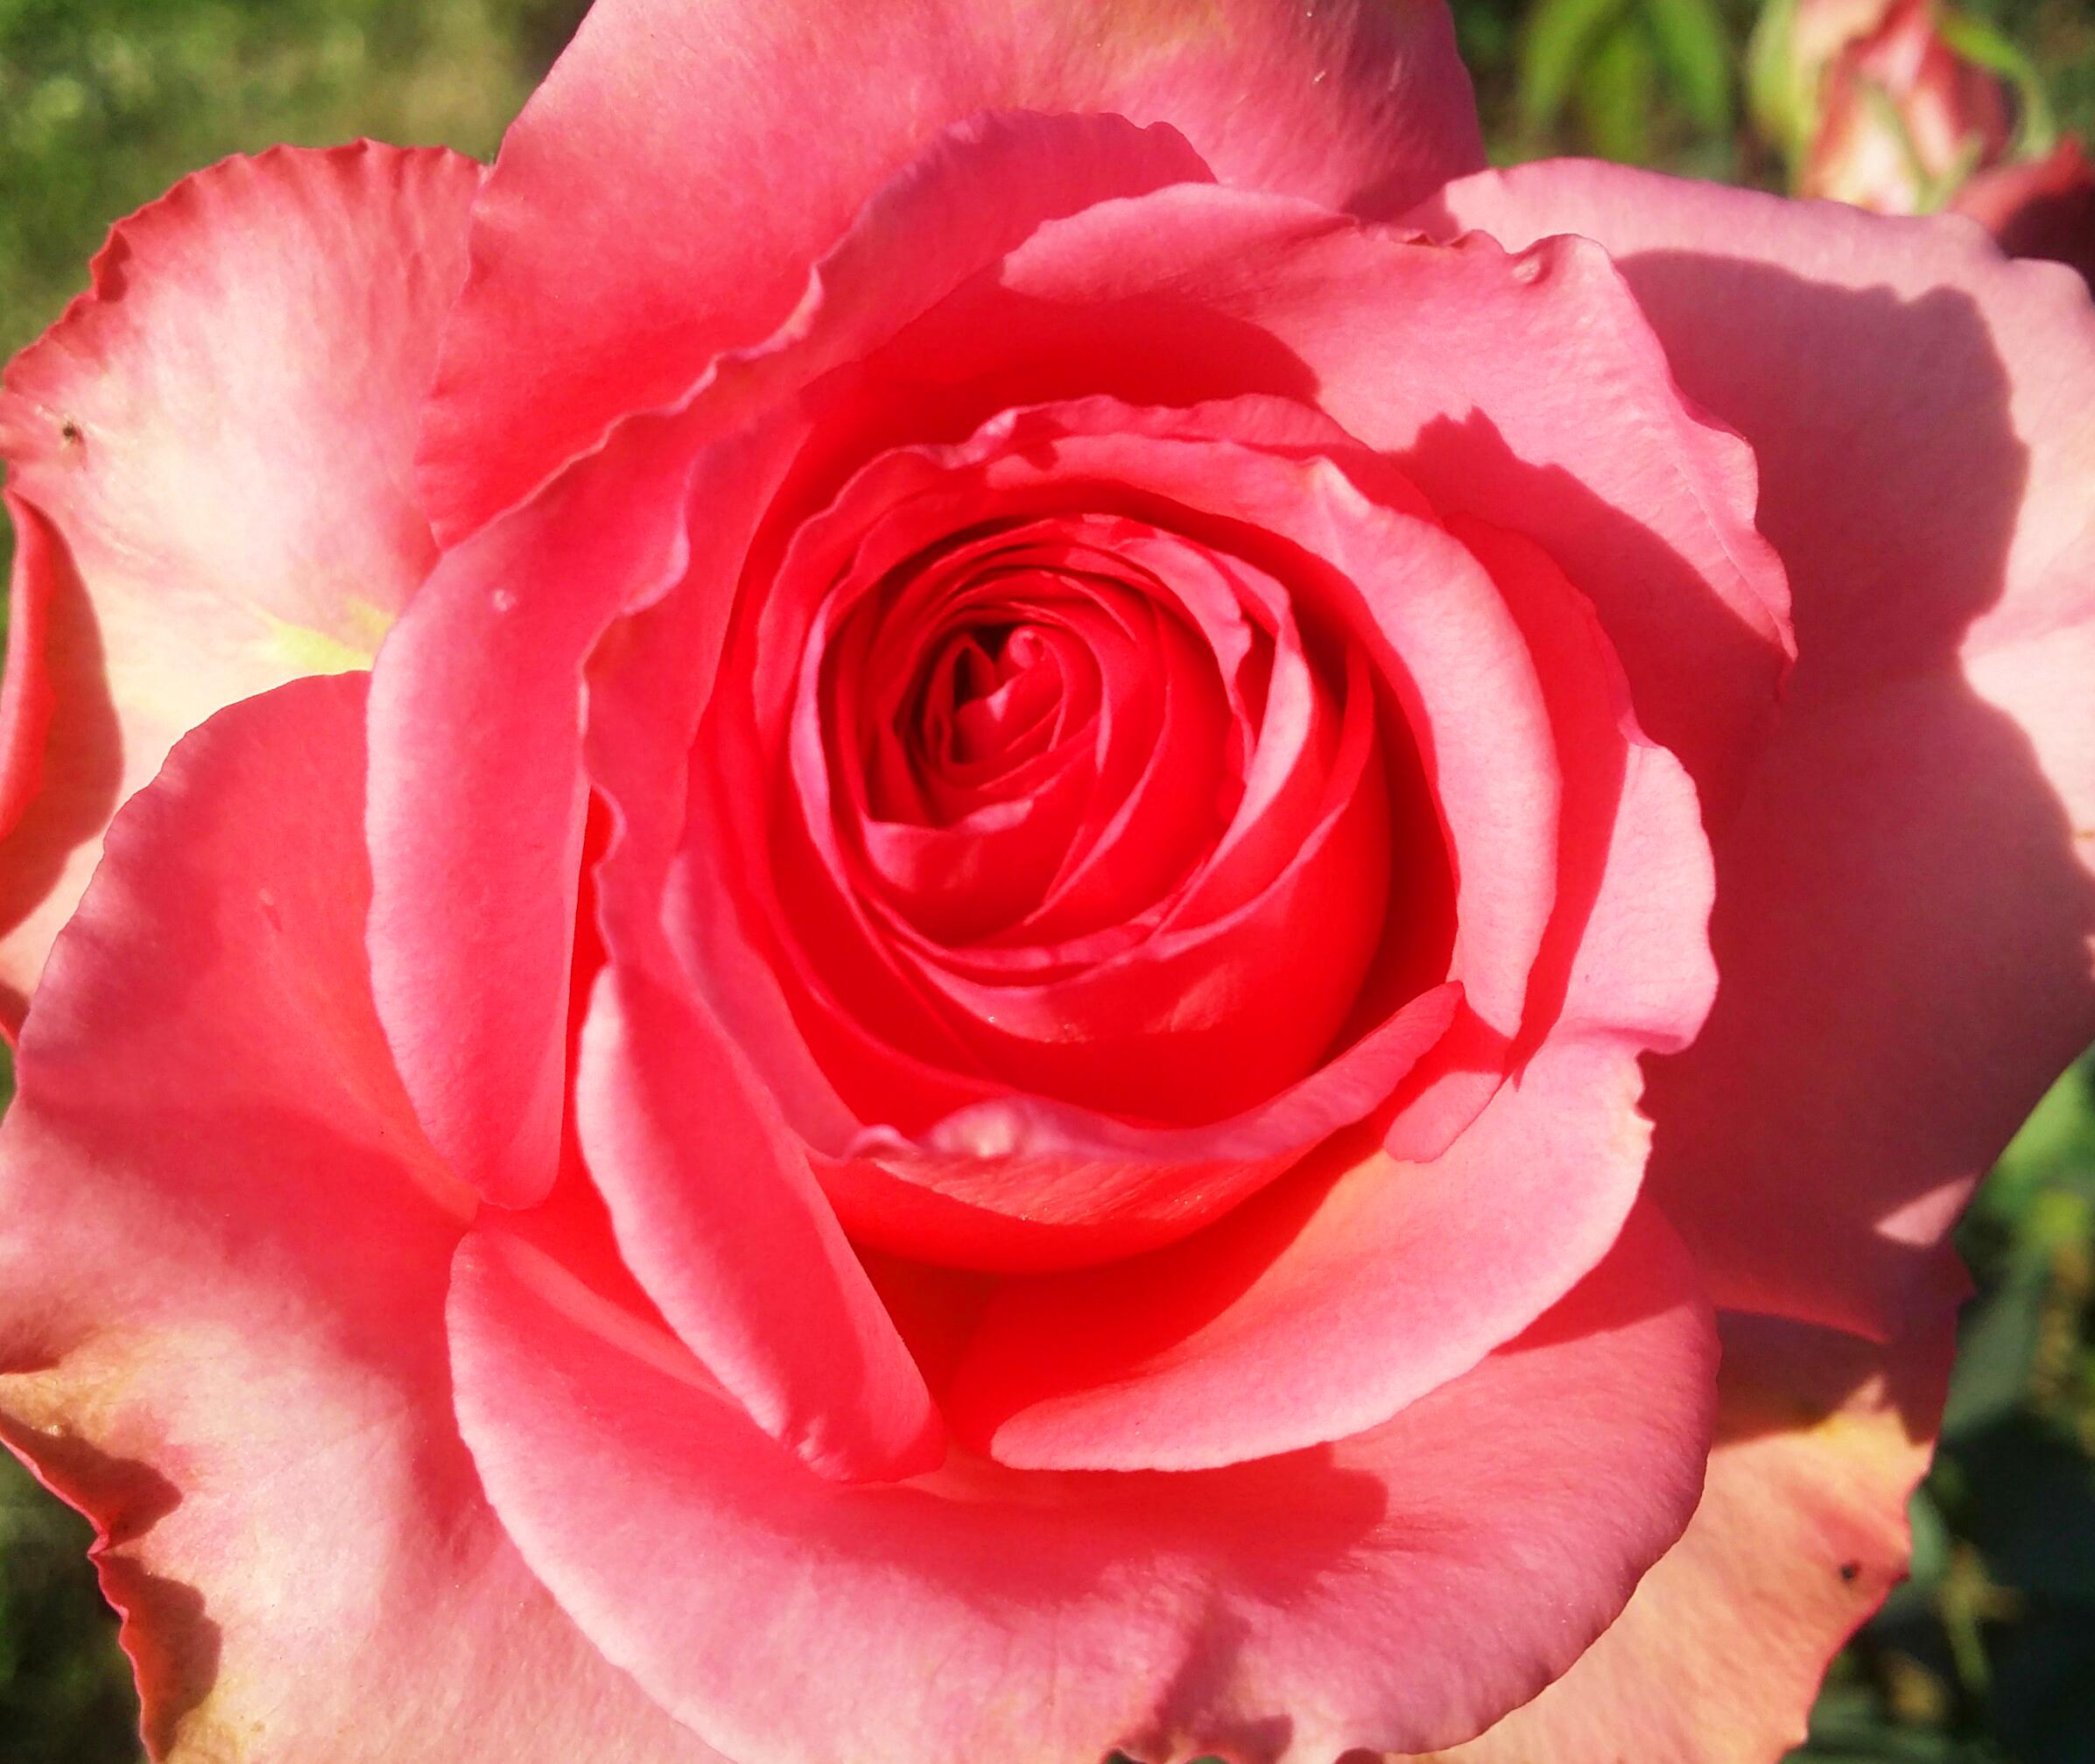 Images Gratuites Floral La Nature Contexte Fleur Ete Modele